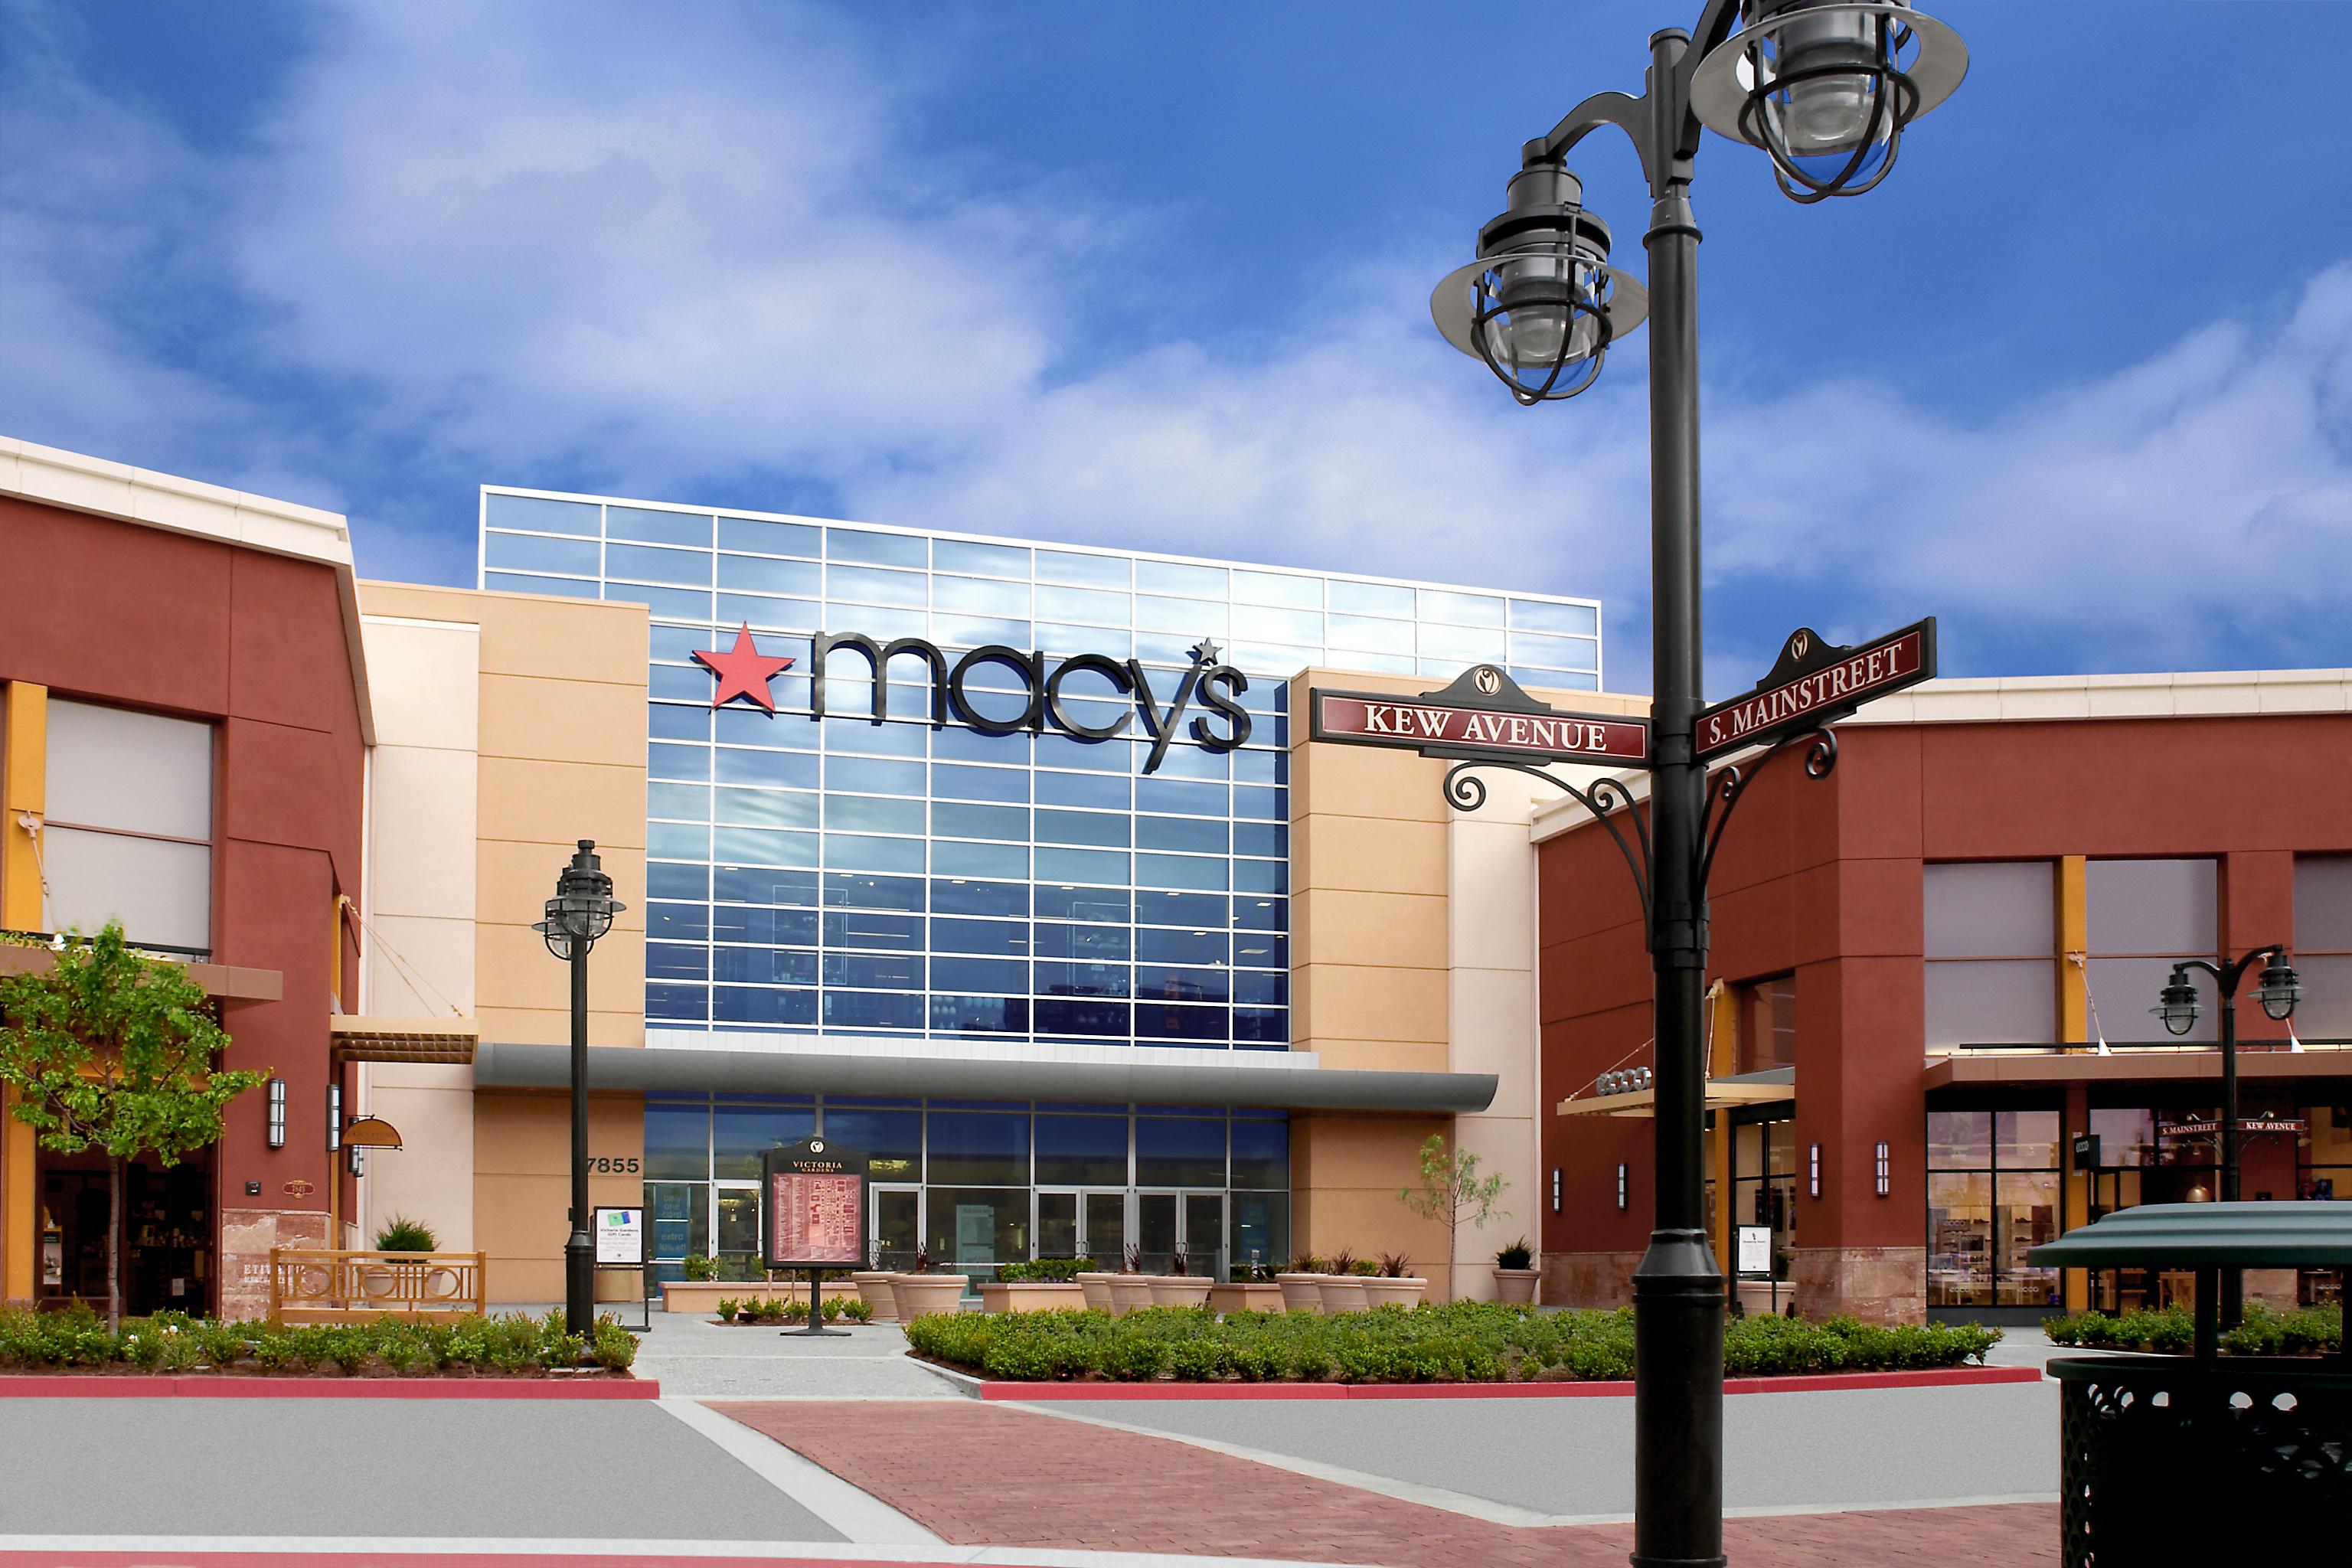 A Macy's store in Rancho Cucamonga, California.